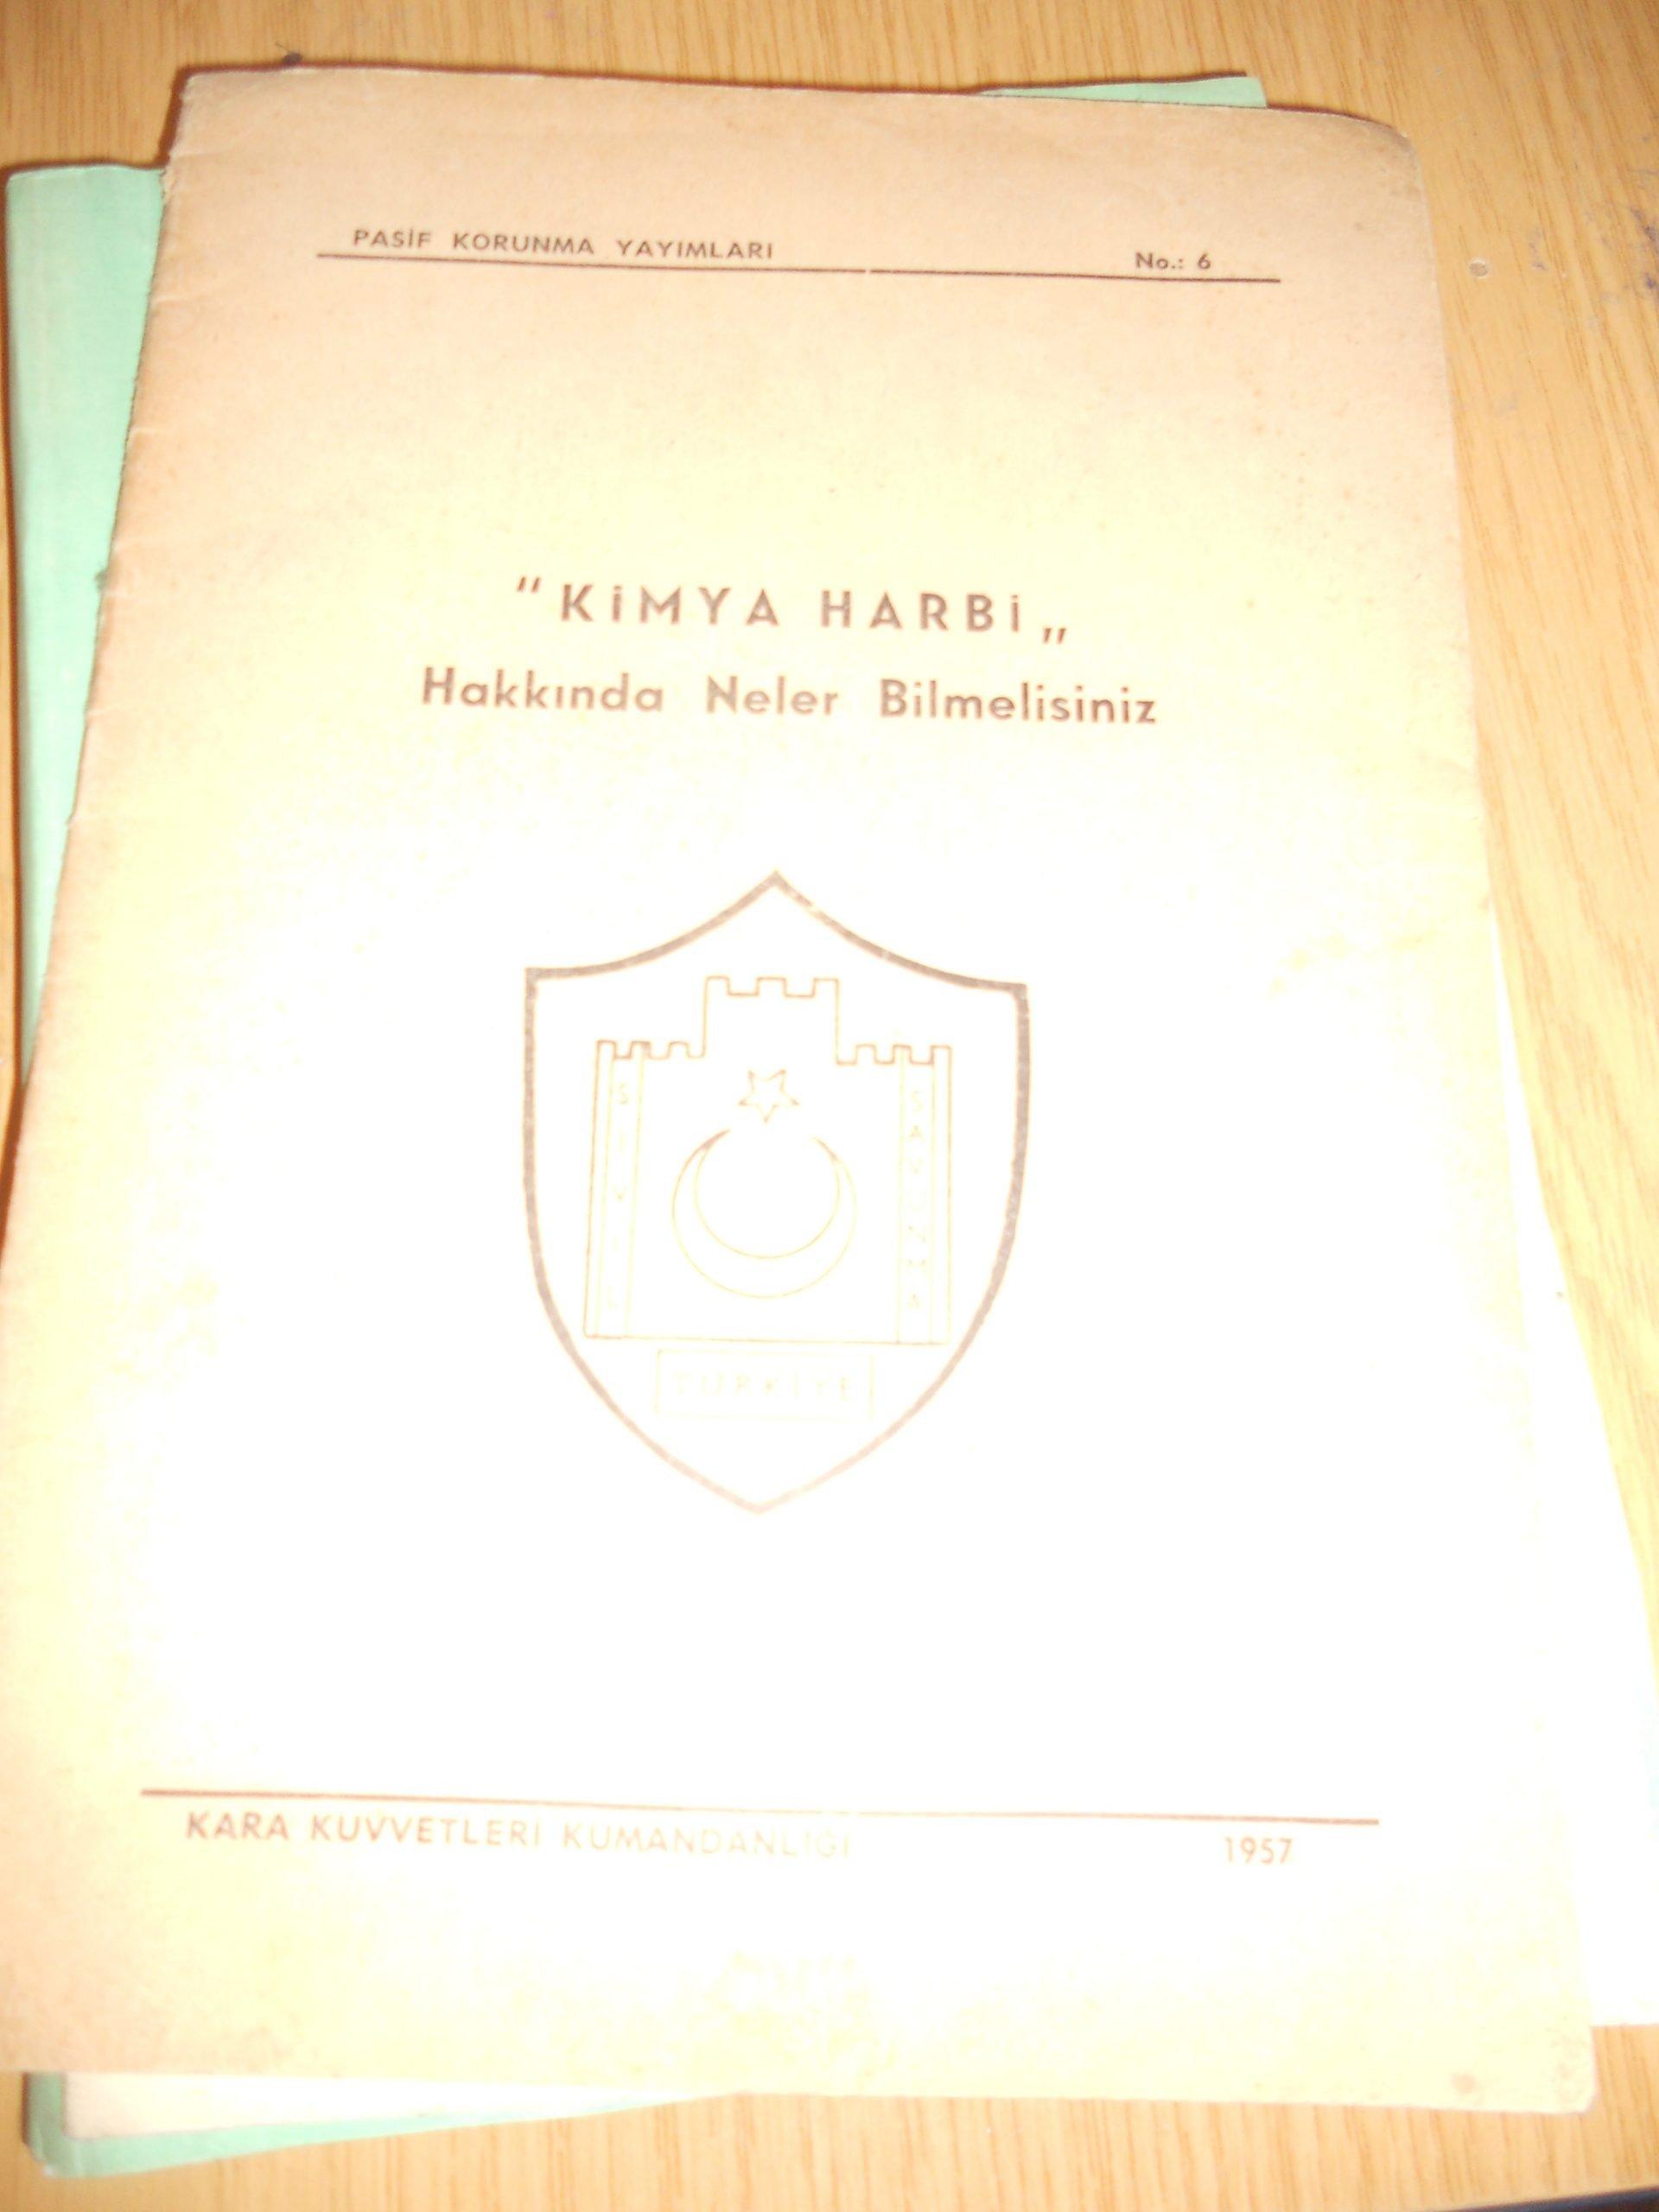 """""""KİMYA HARBİ""""Hakkında neler bilmelisiniz (1957 basım) /Pasif korunma yay/ 25 tl"""